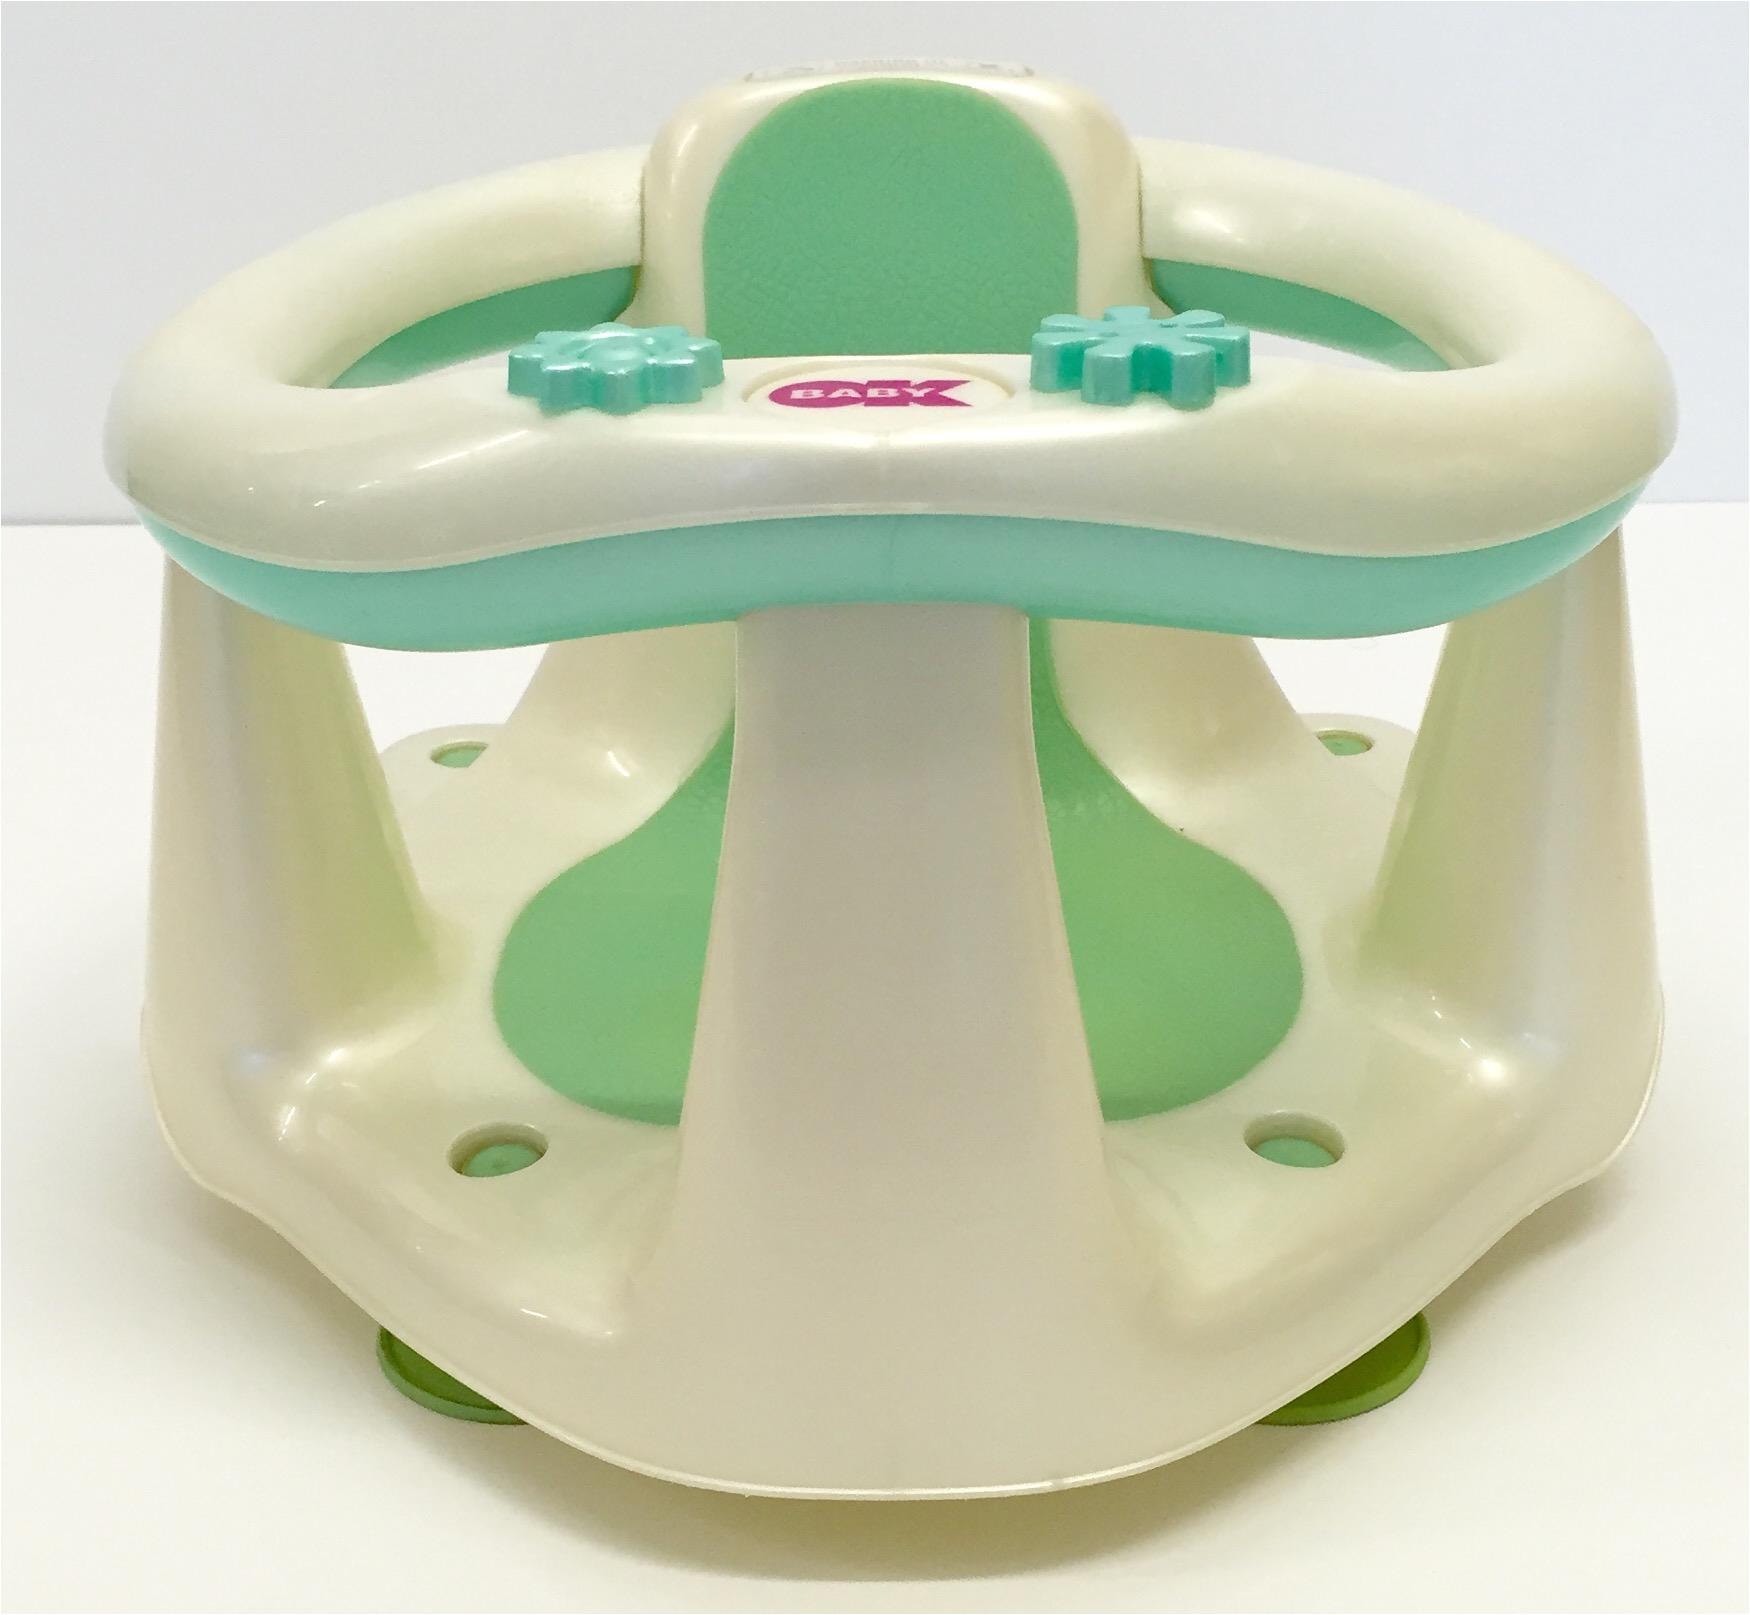 Baby Tub Seat Walmart 32 toddler Bath Seat Walmart 11 Best About